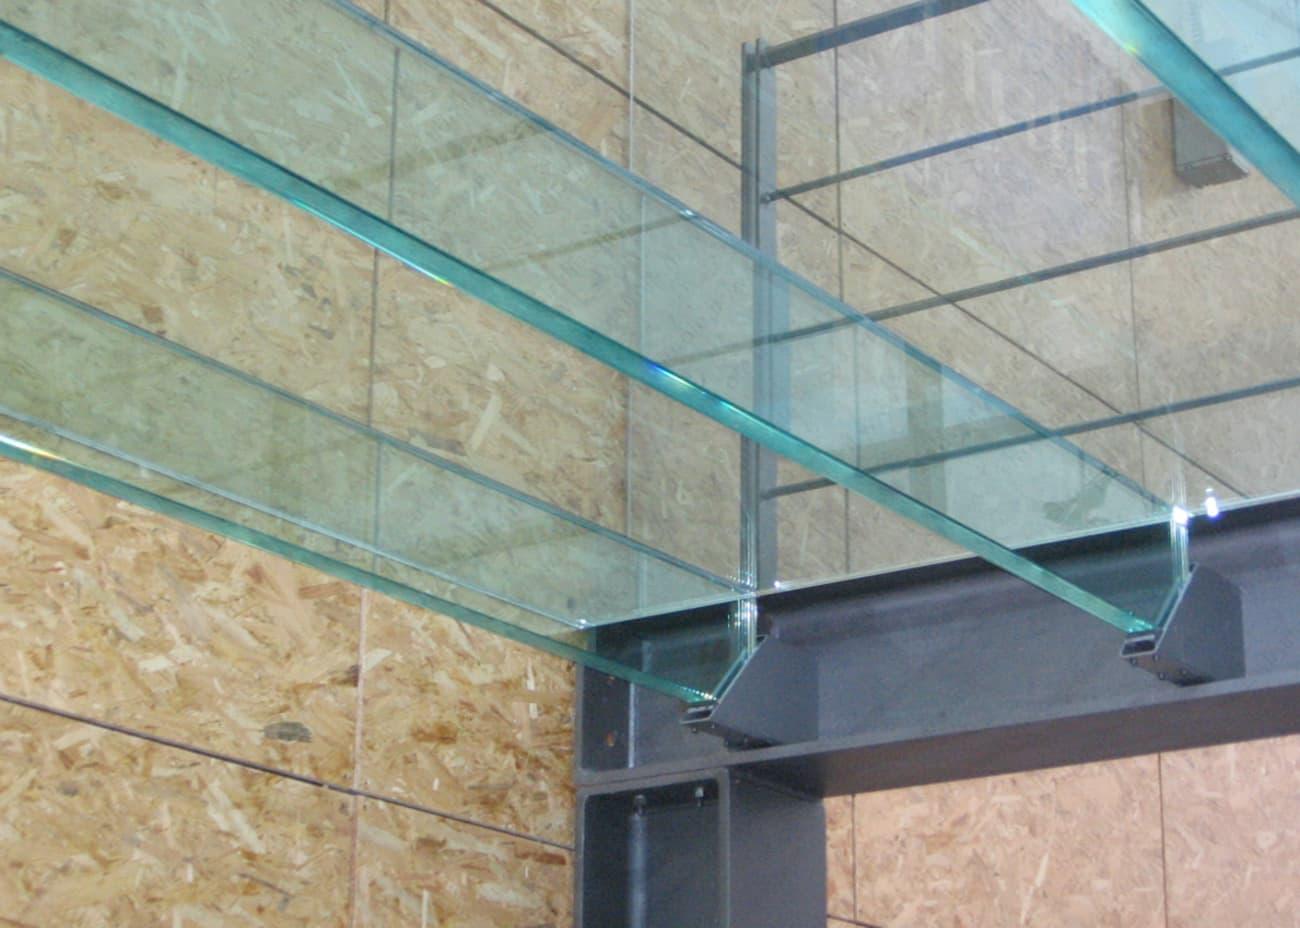 travi portanti ed elementi in vetro strutturale